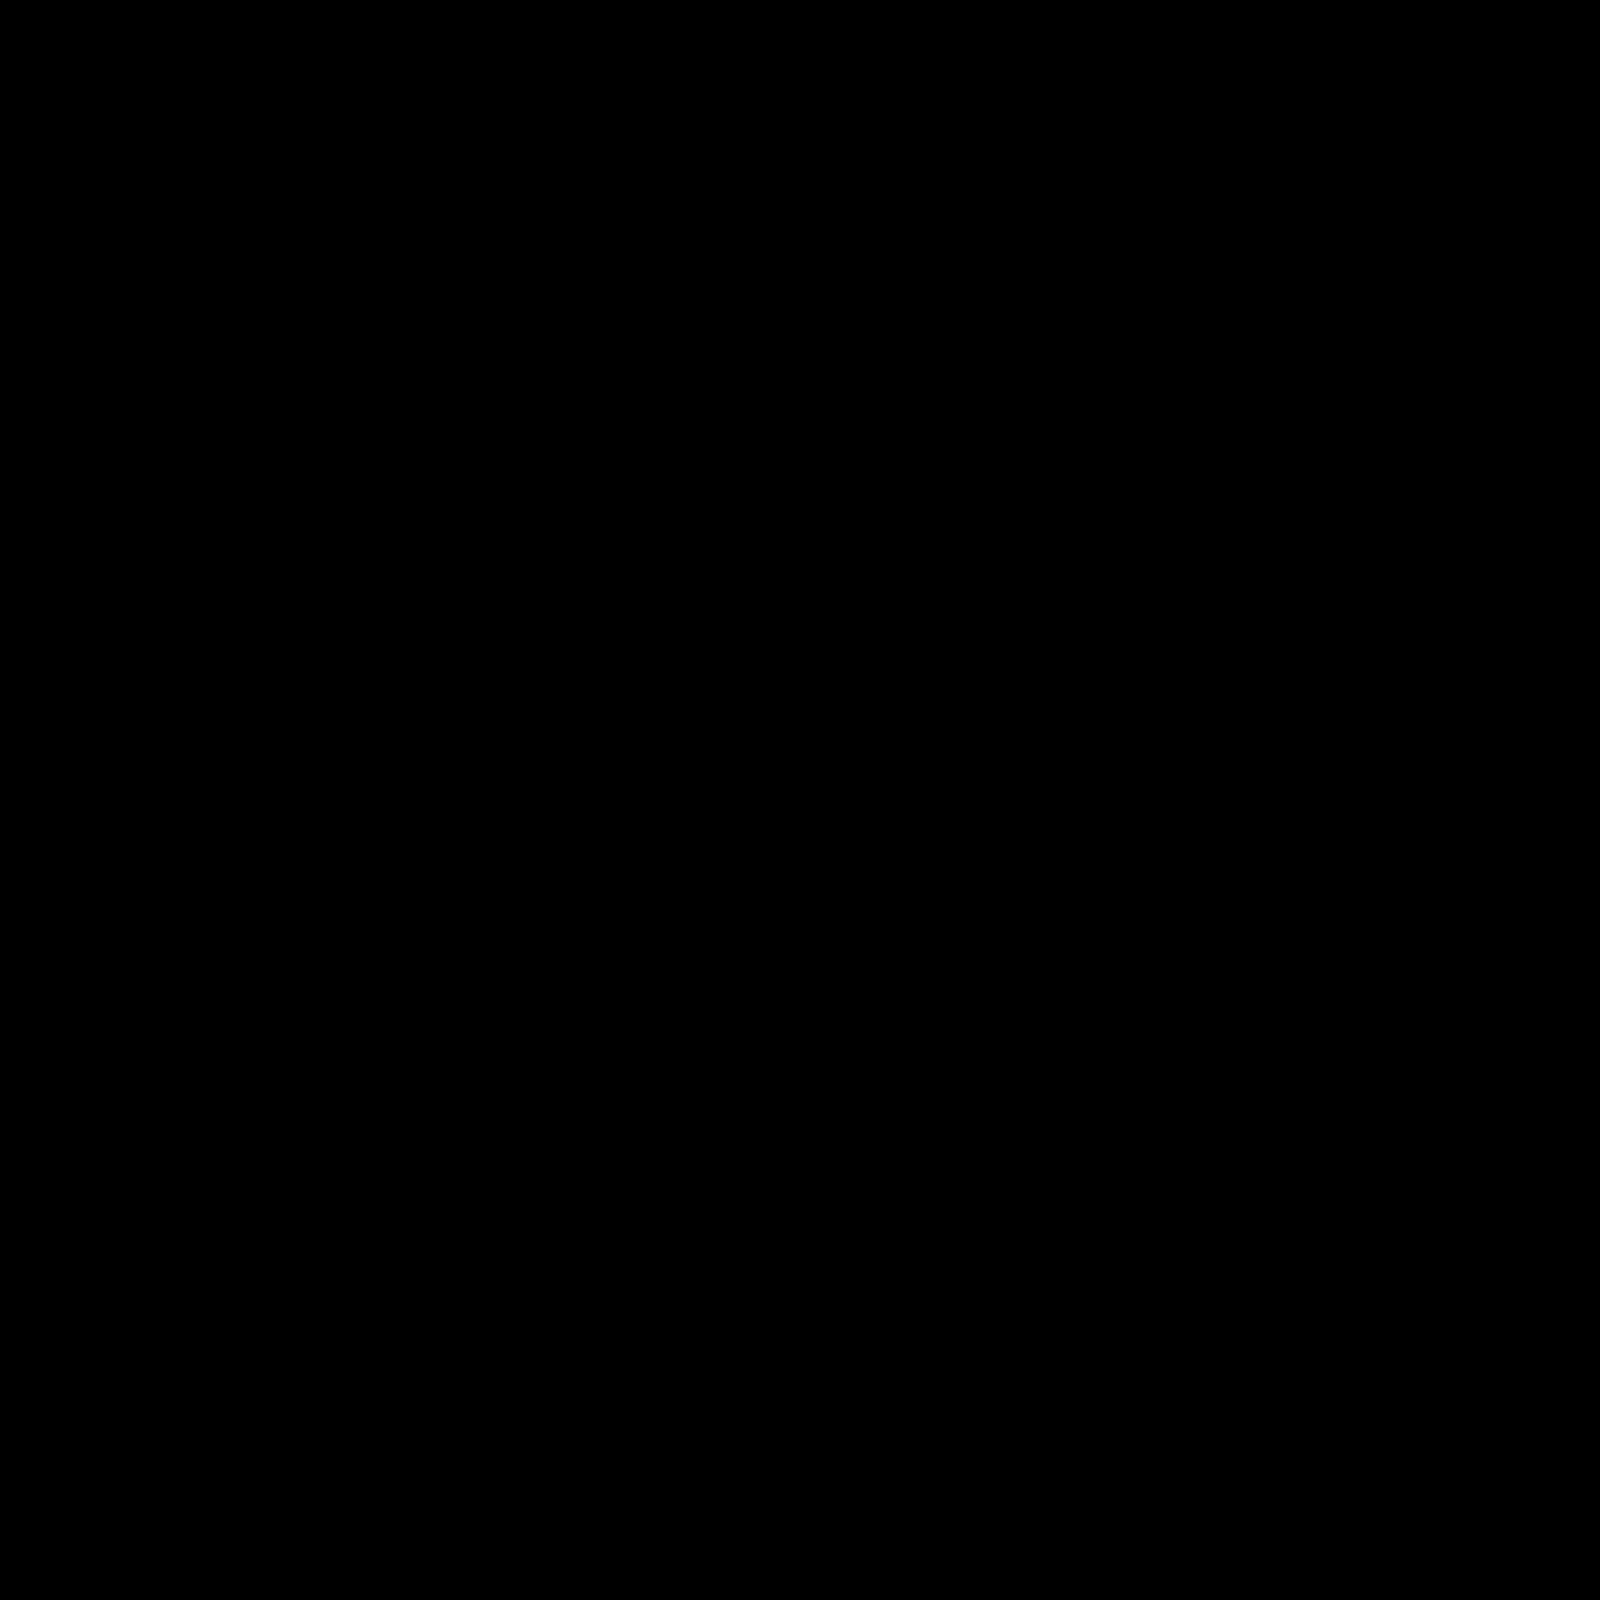 PNG Sad - 70919